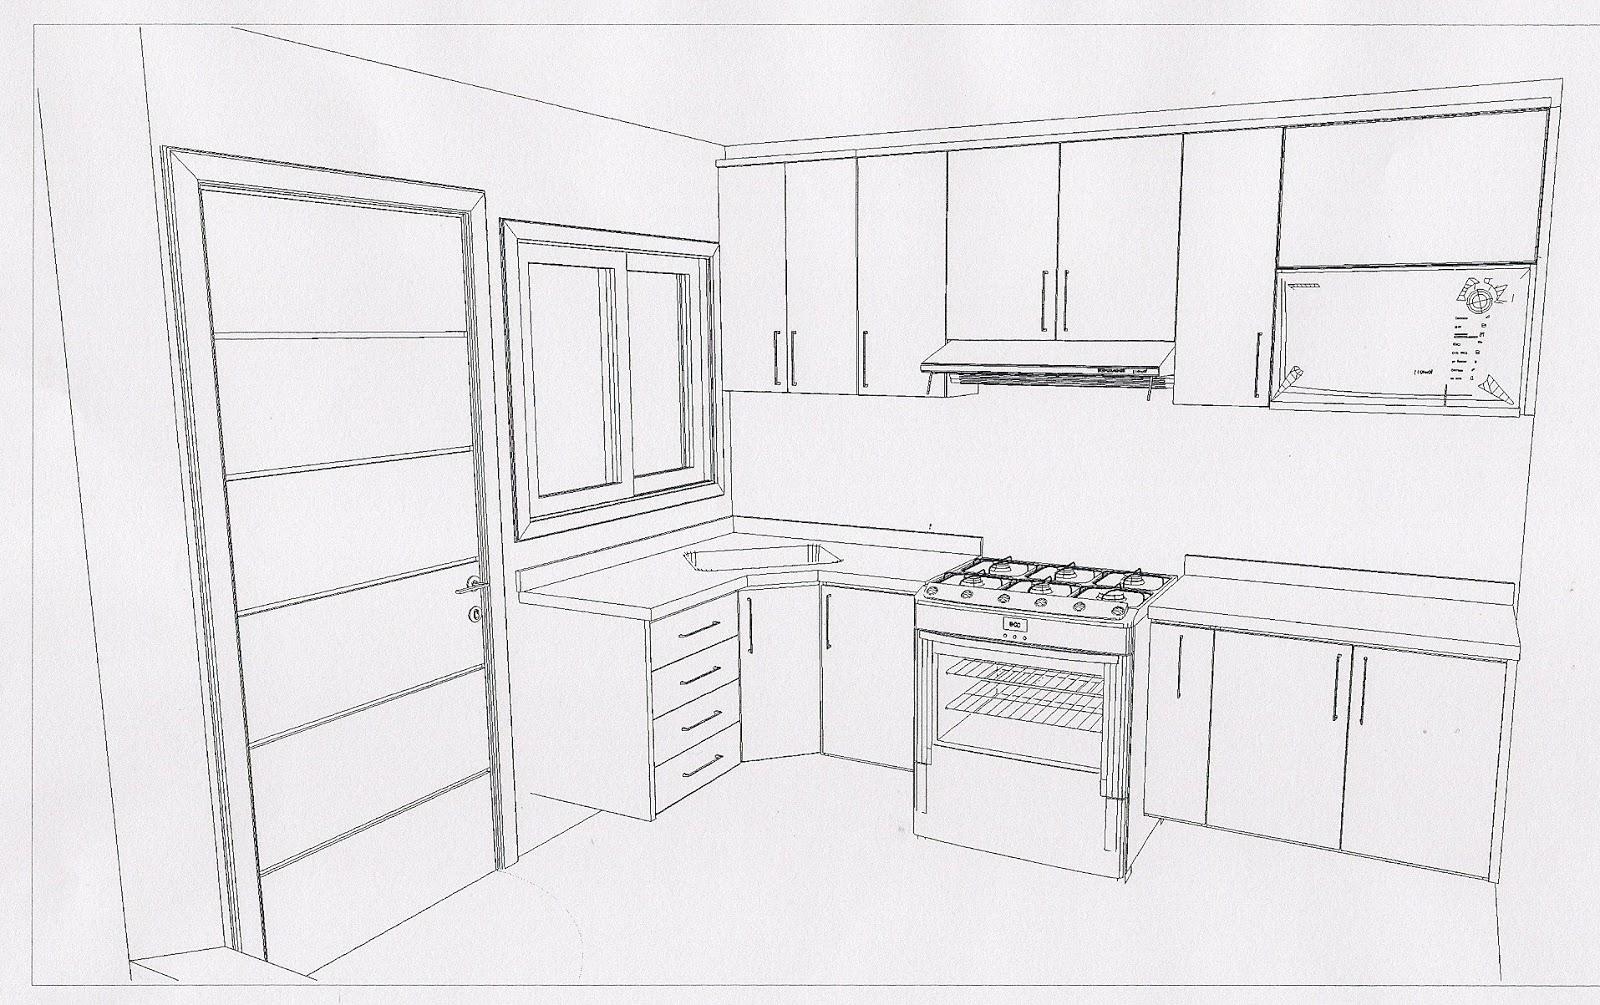 #66616A Odisseia Habitacional: Dezembro 2012 1600x1005 px Projeto De Cozinha Com Janela #2843 imagens